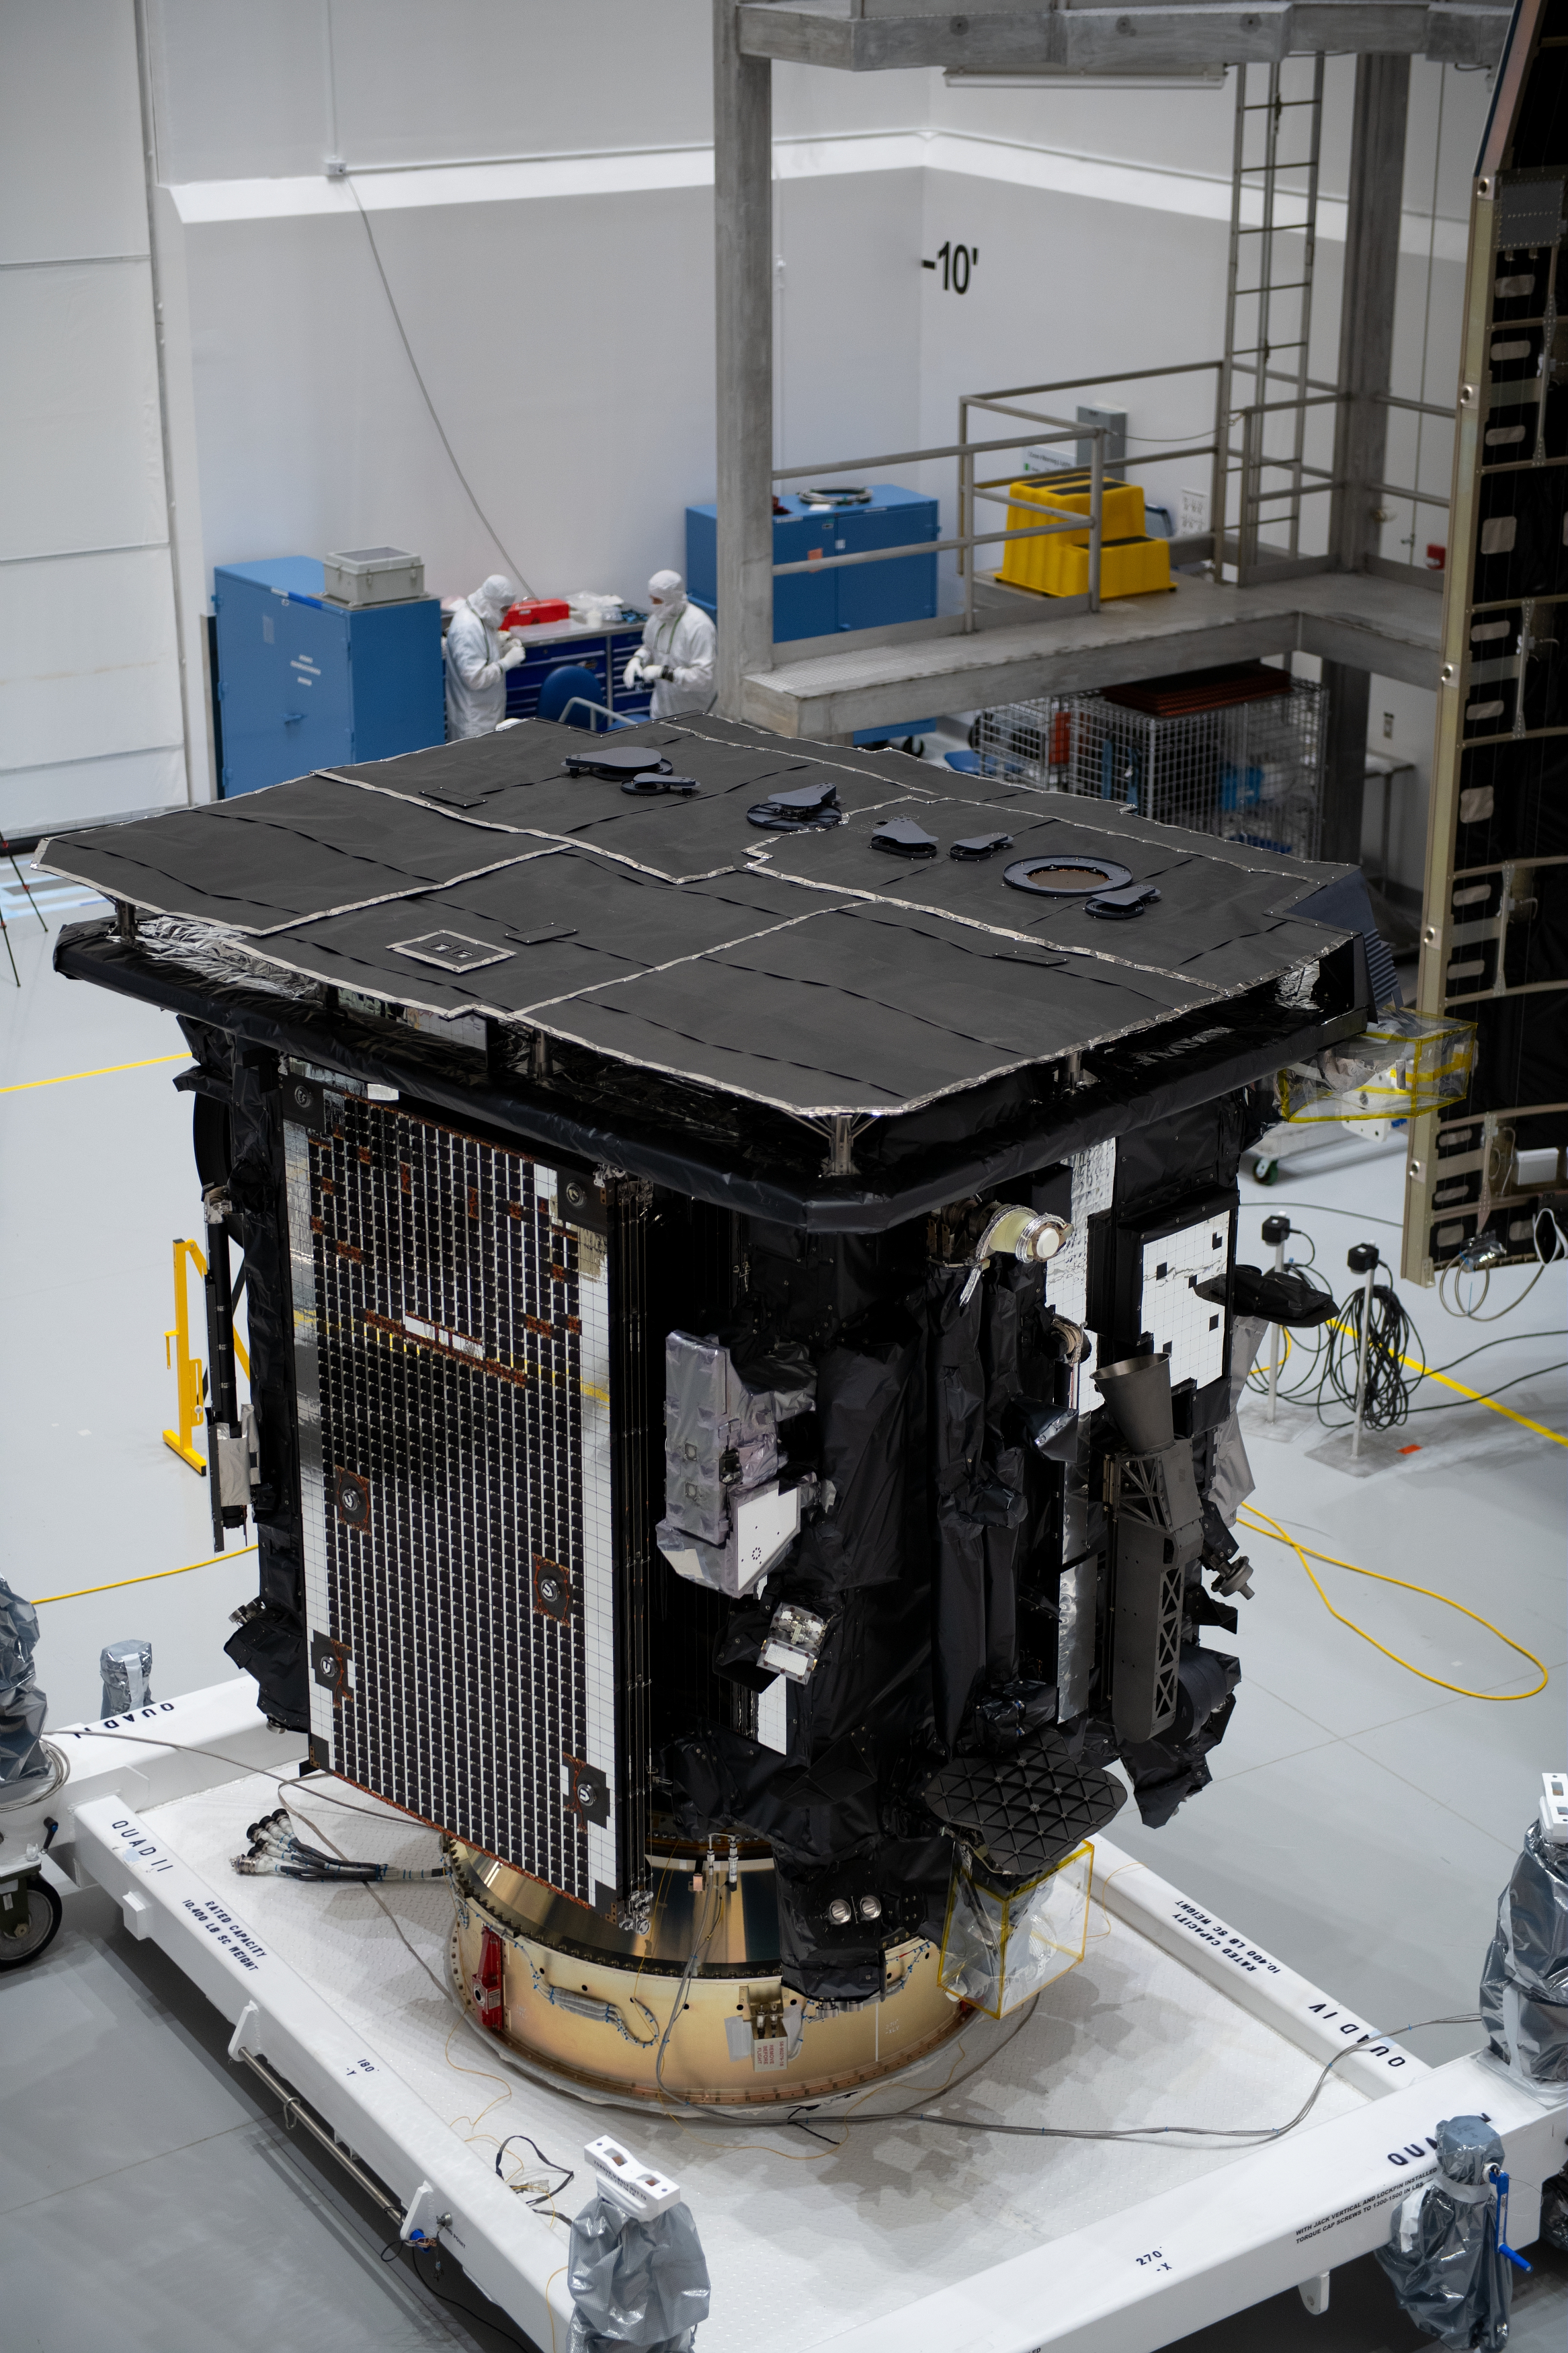 Last_glimpse_of_Solar_Orbiter_before_launch.jpg